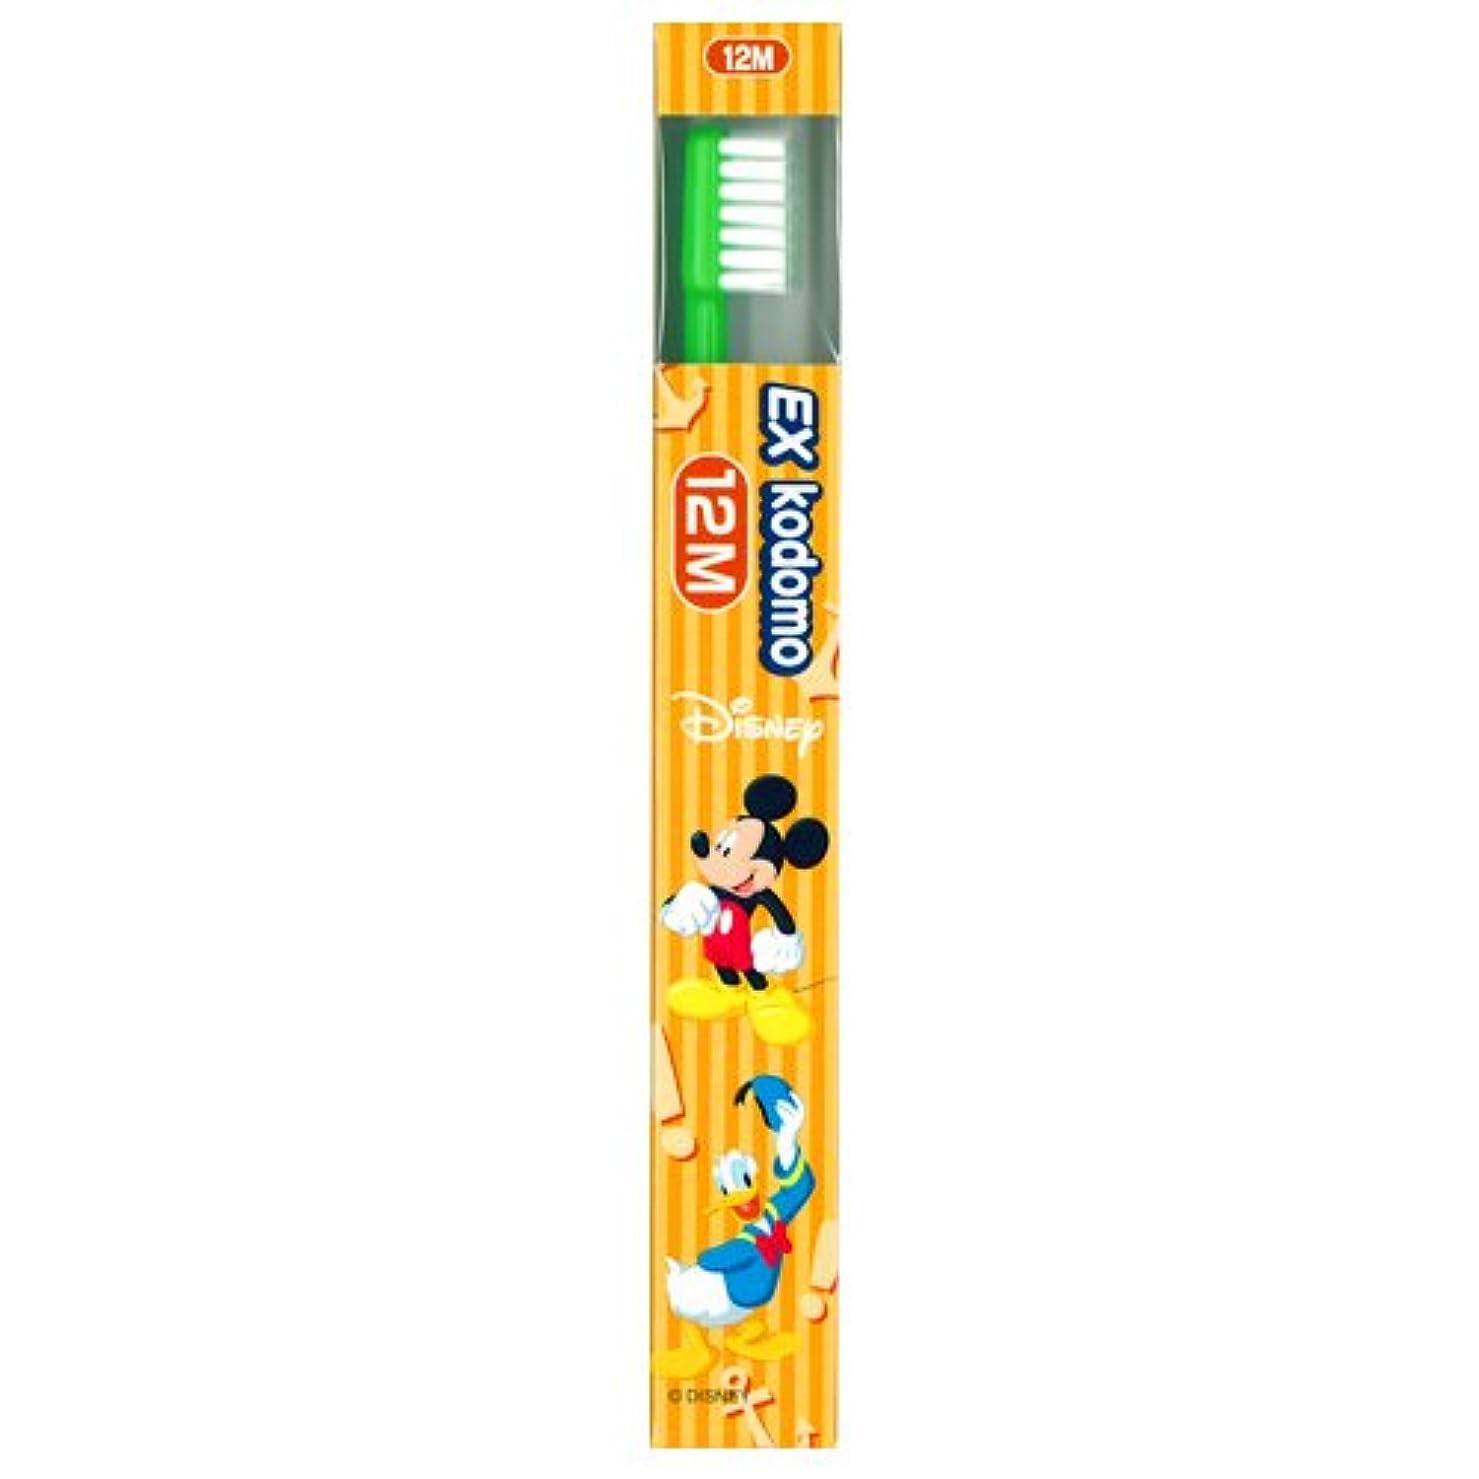 緯度漏斗進むライオン EX kodomo ディズニー 歯ブラシ 1本 12M グリーン